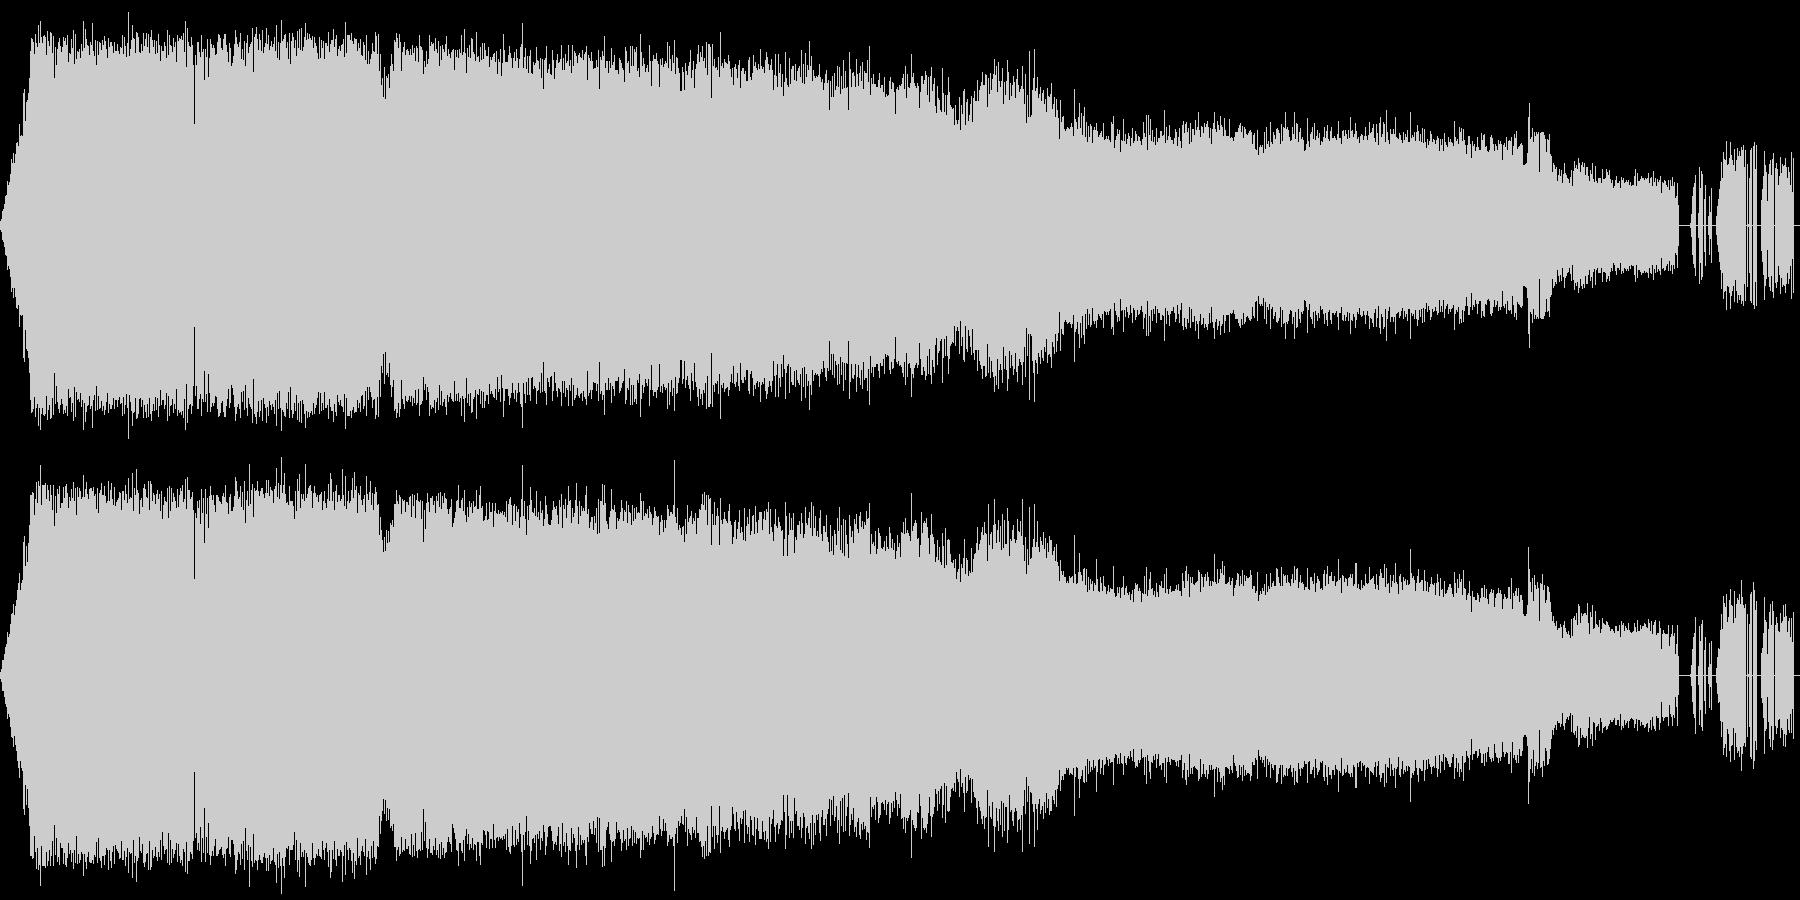 クツワムシの鳴き声【ガチャガチャ】の未再生の波形